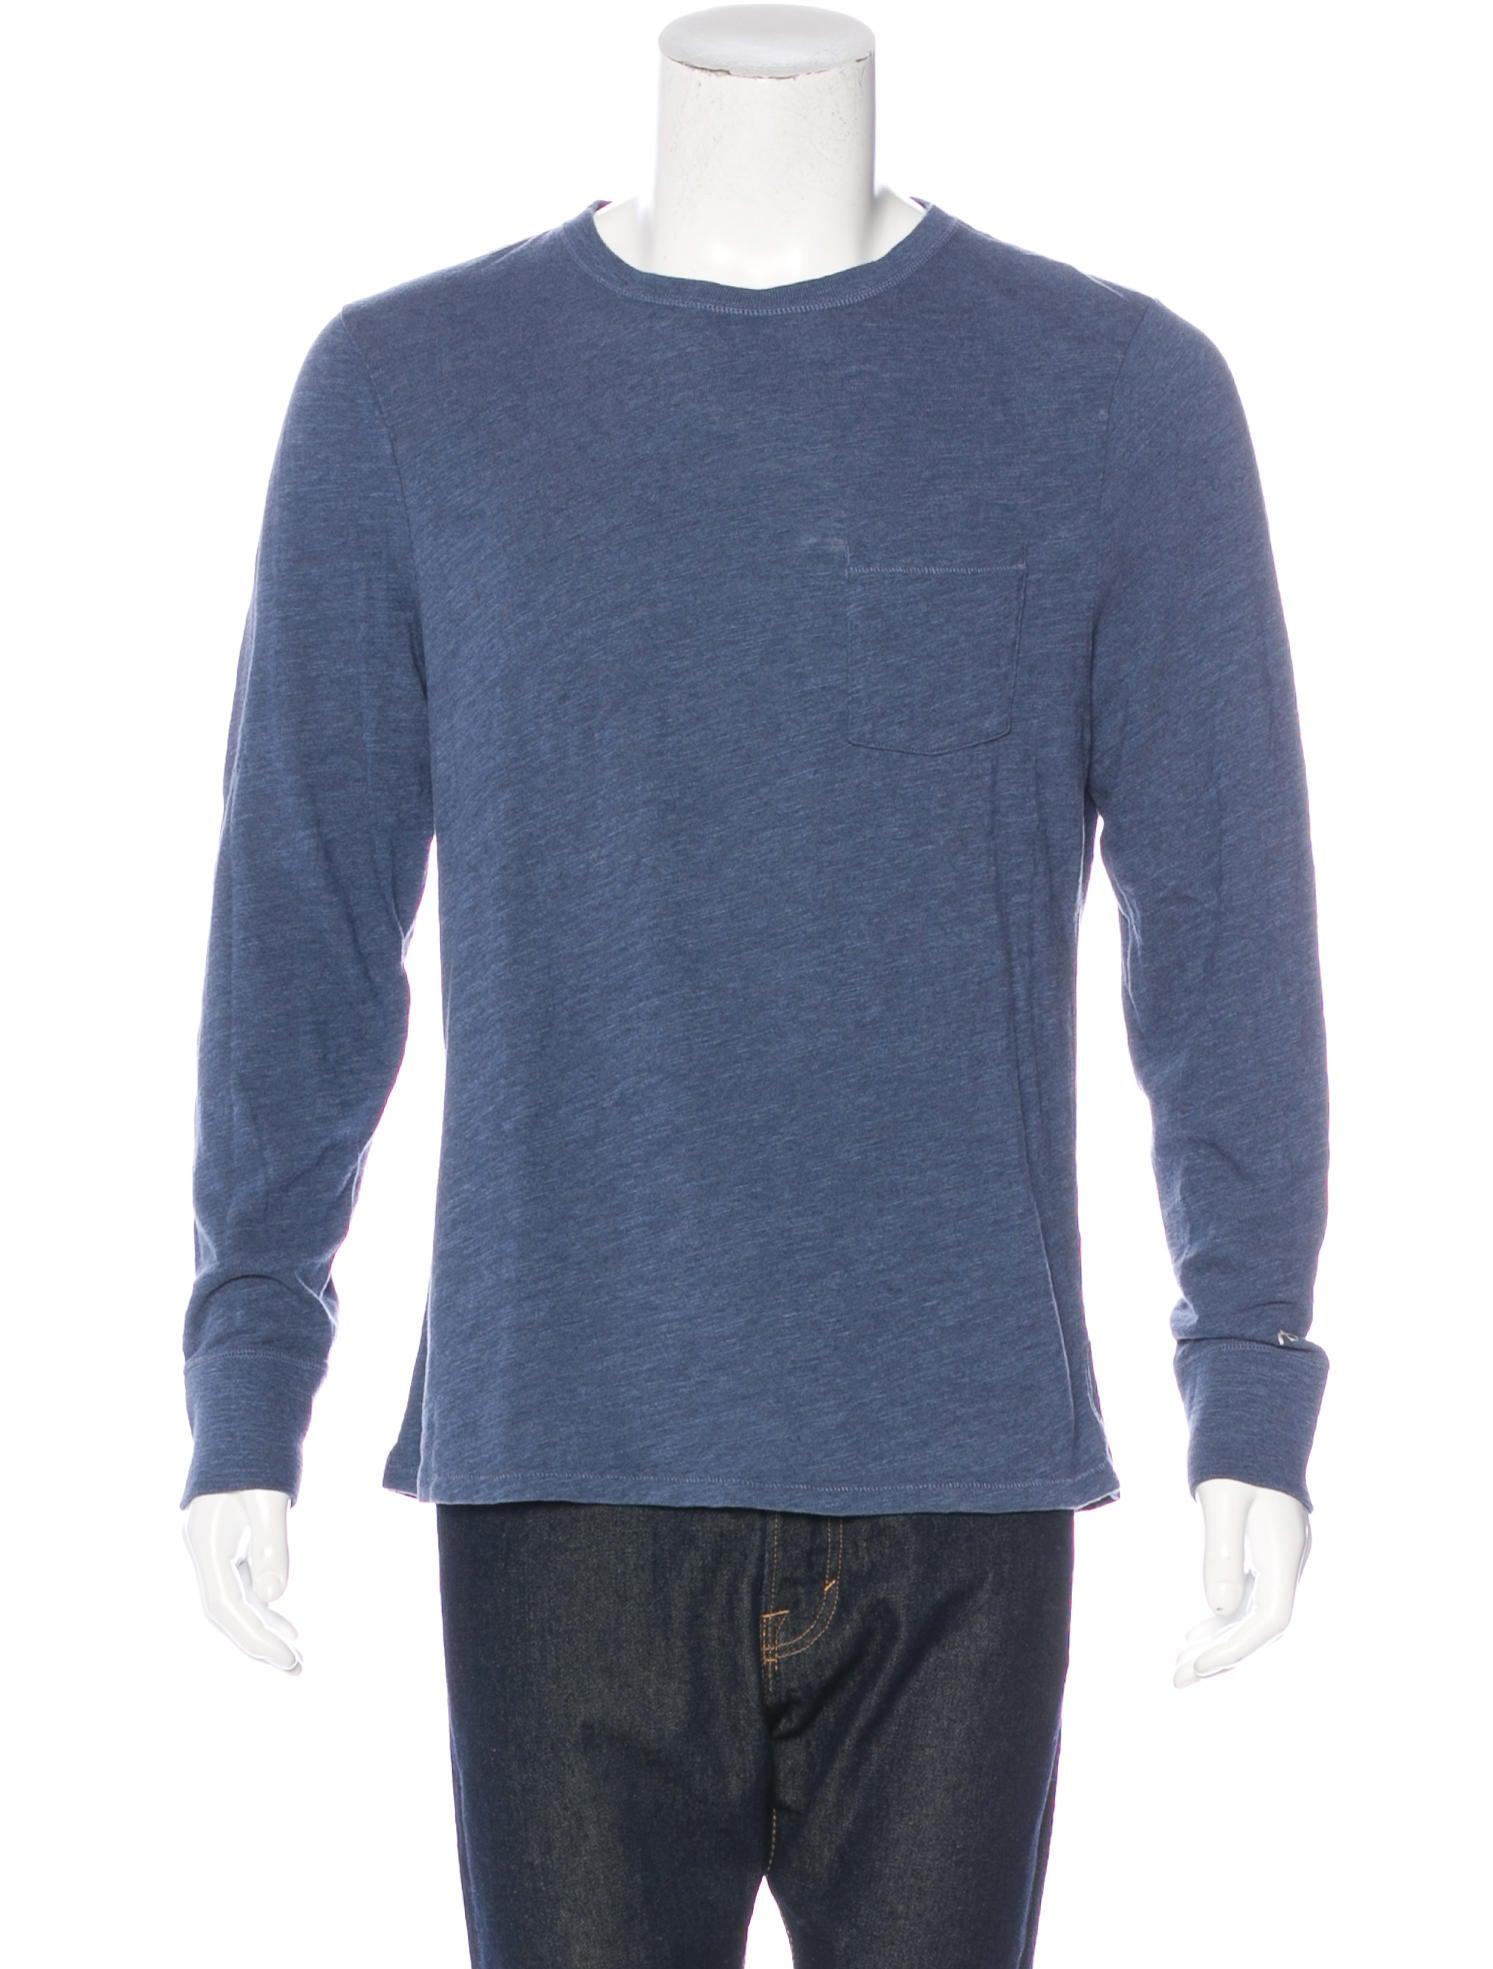 Rag bone long sleeve t shirt clothing wragb67080 for Rag and bone t shirts